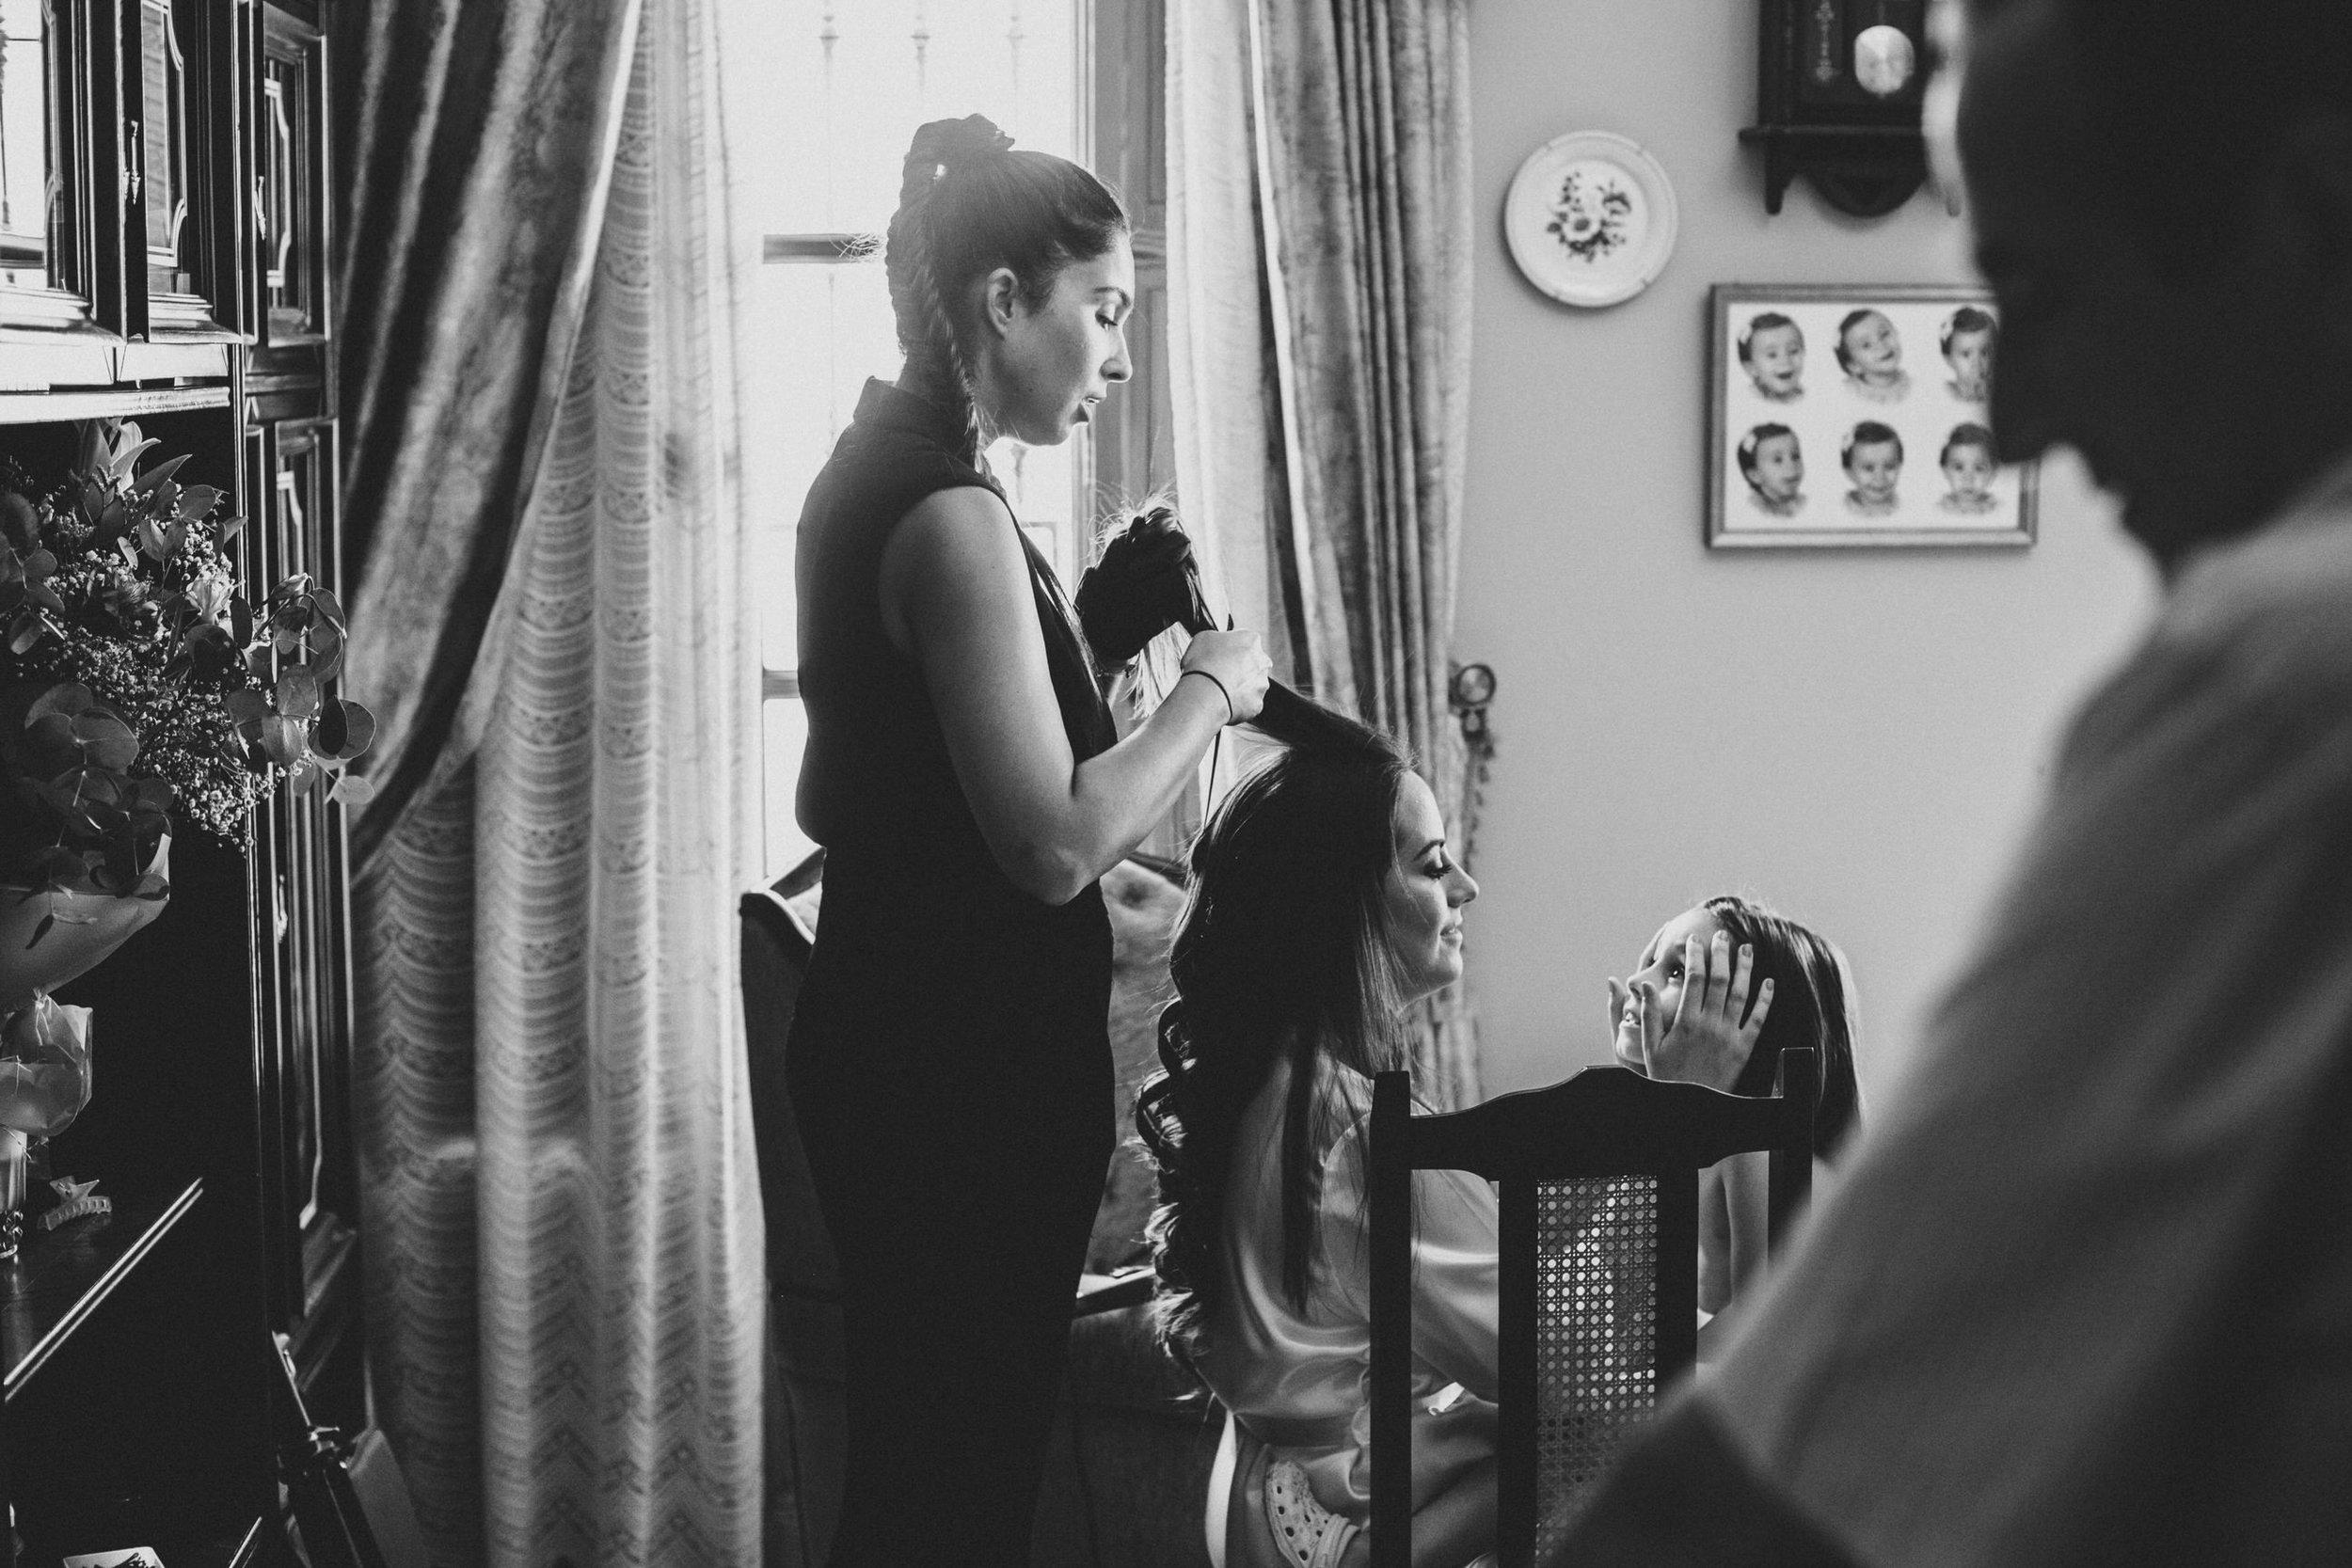 Rocío & Antonio - Boda en Consolación y Rovira Utrera - fotógrafo Andrés Amarillo  (6).JPG